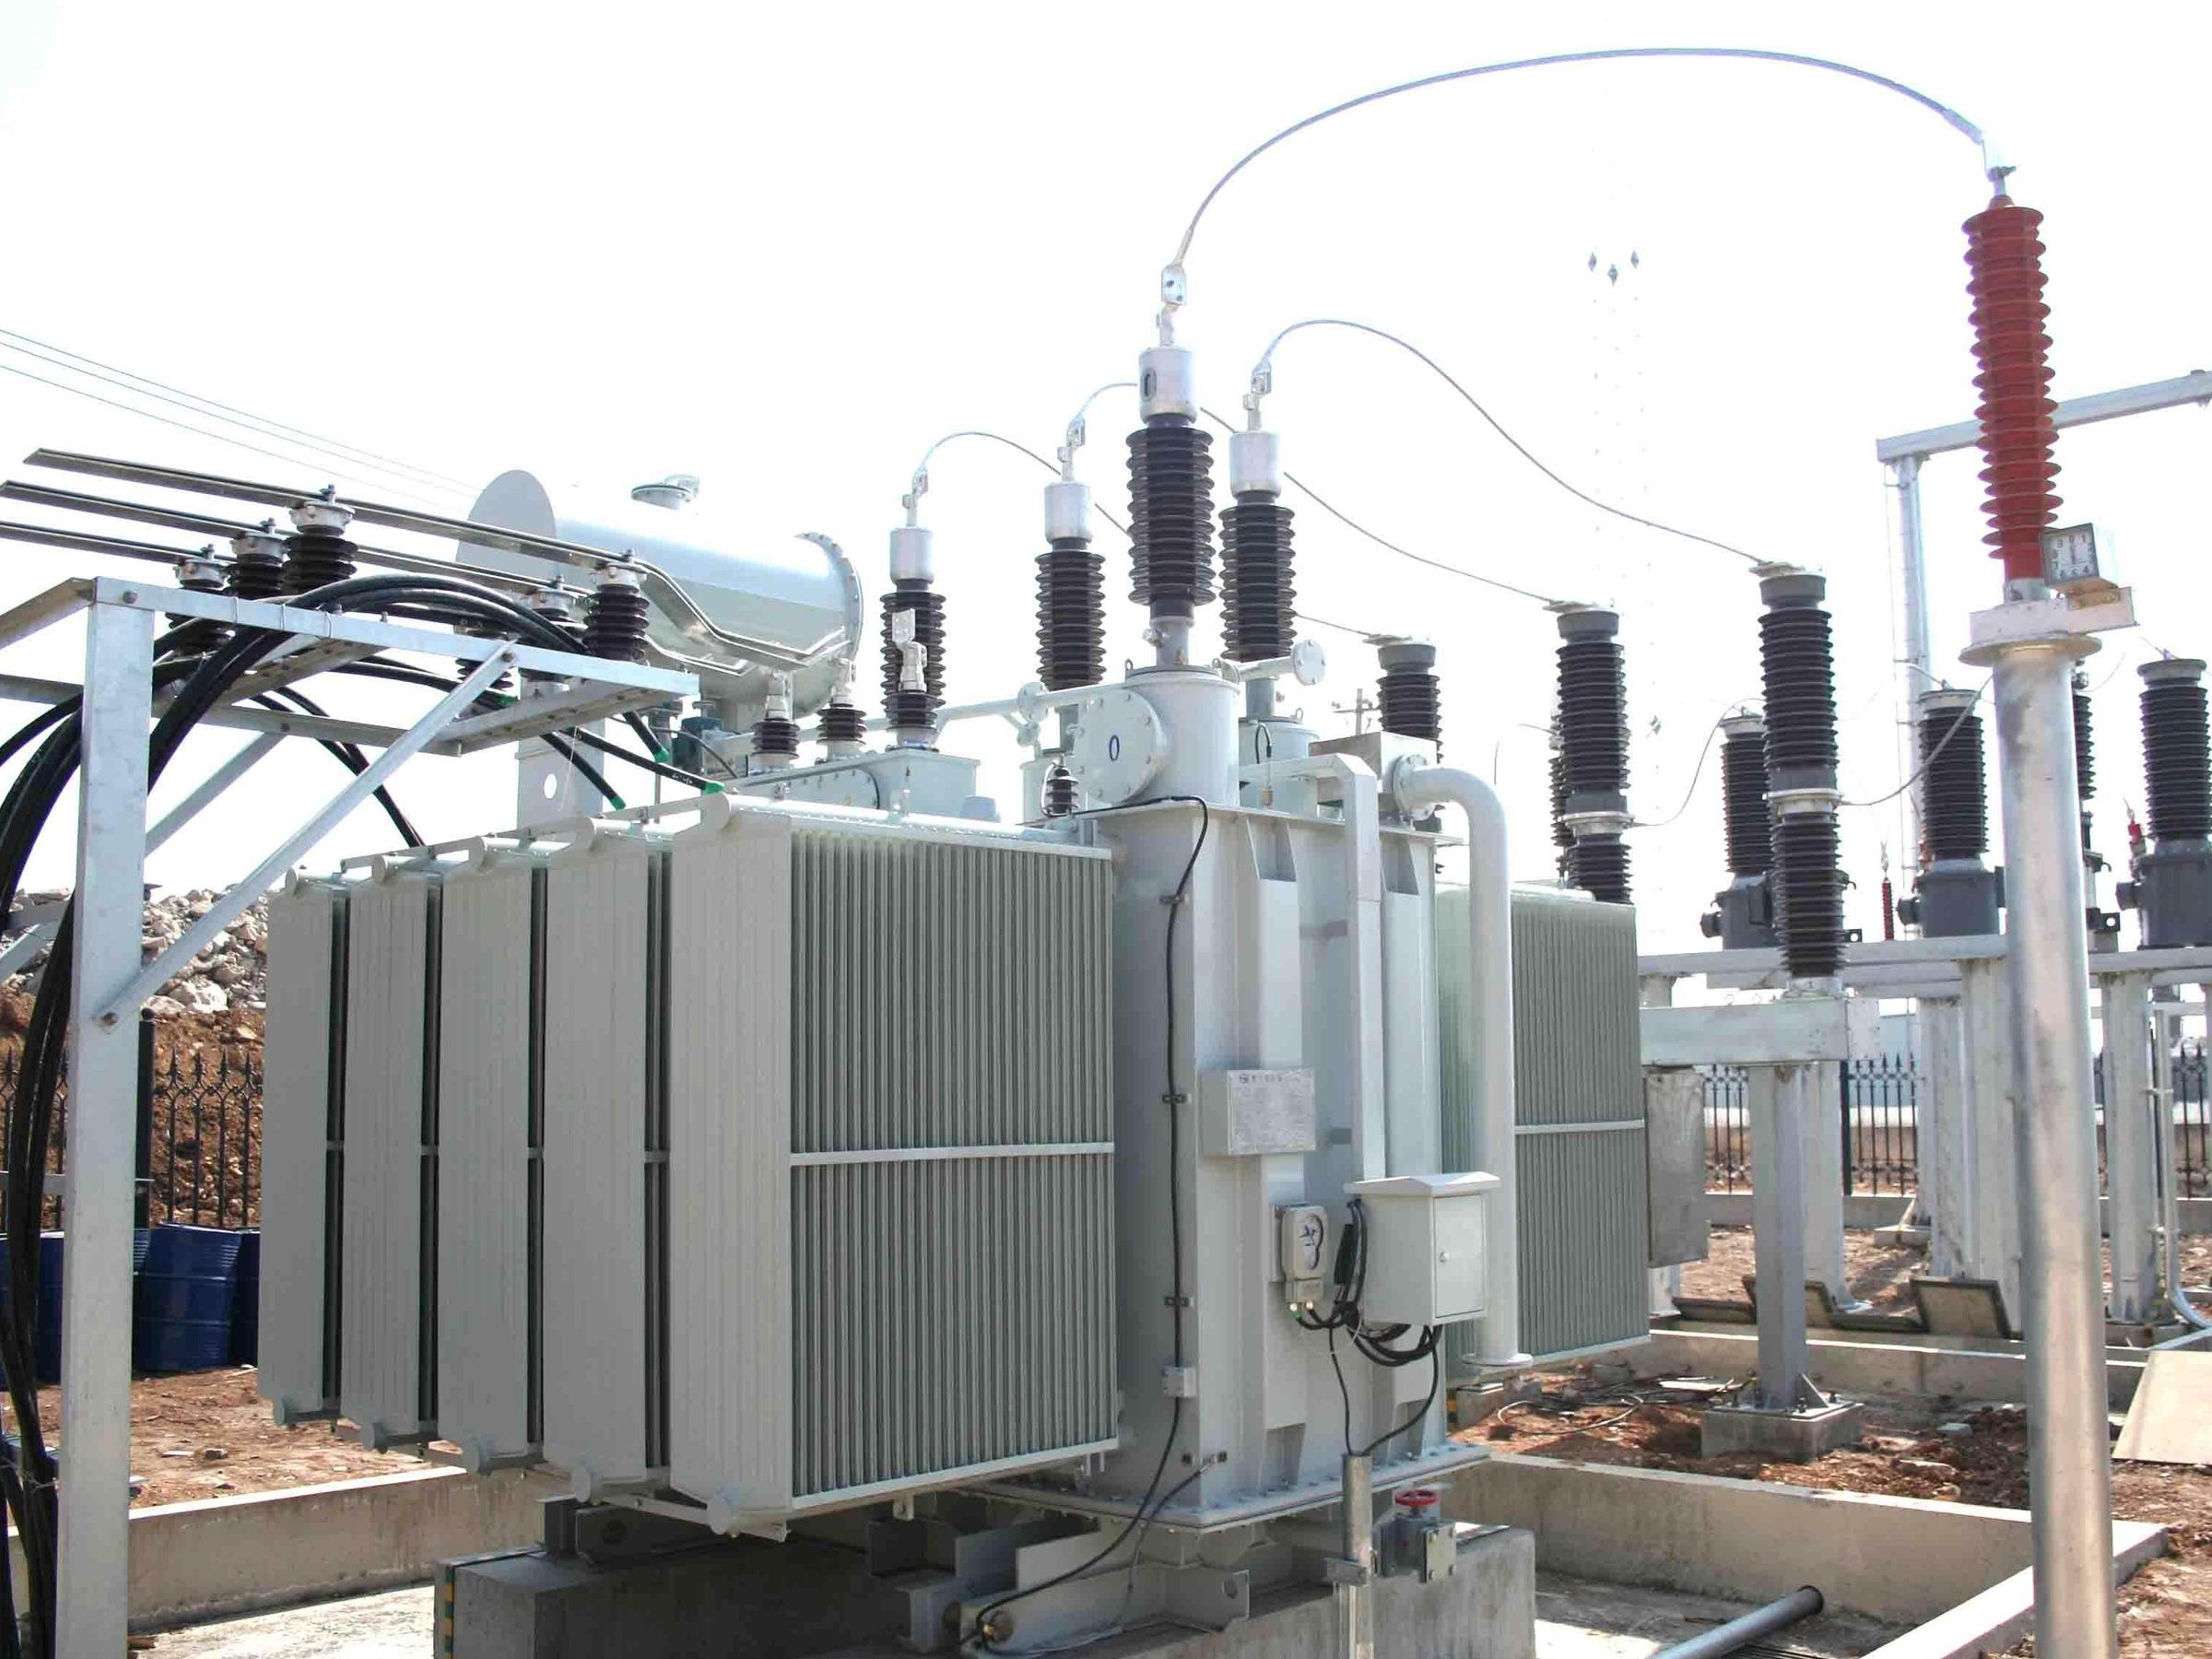 2016年12月国网蒙东呼伦贝尔根河供电公司66kV伊图里河等4座变电站线损关口建设改造